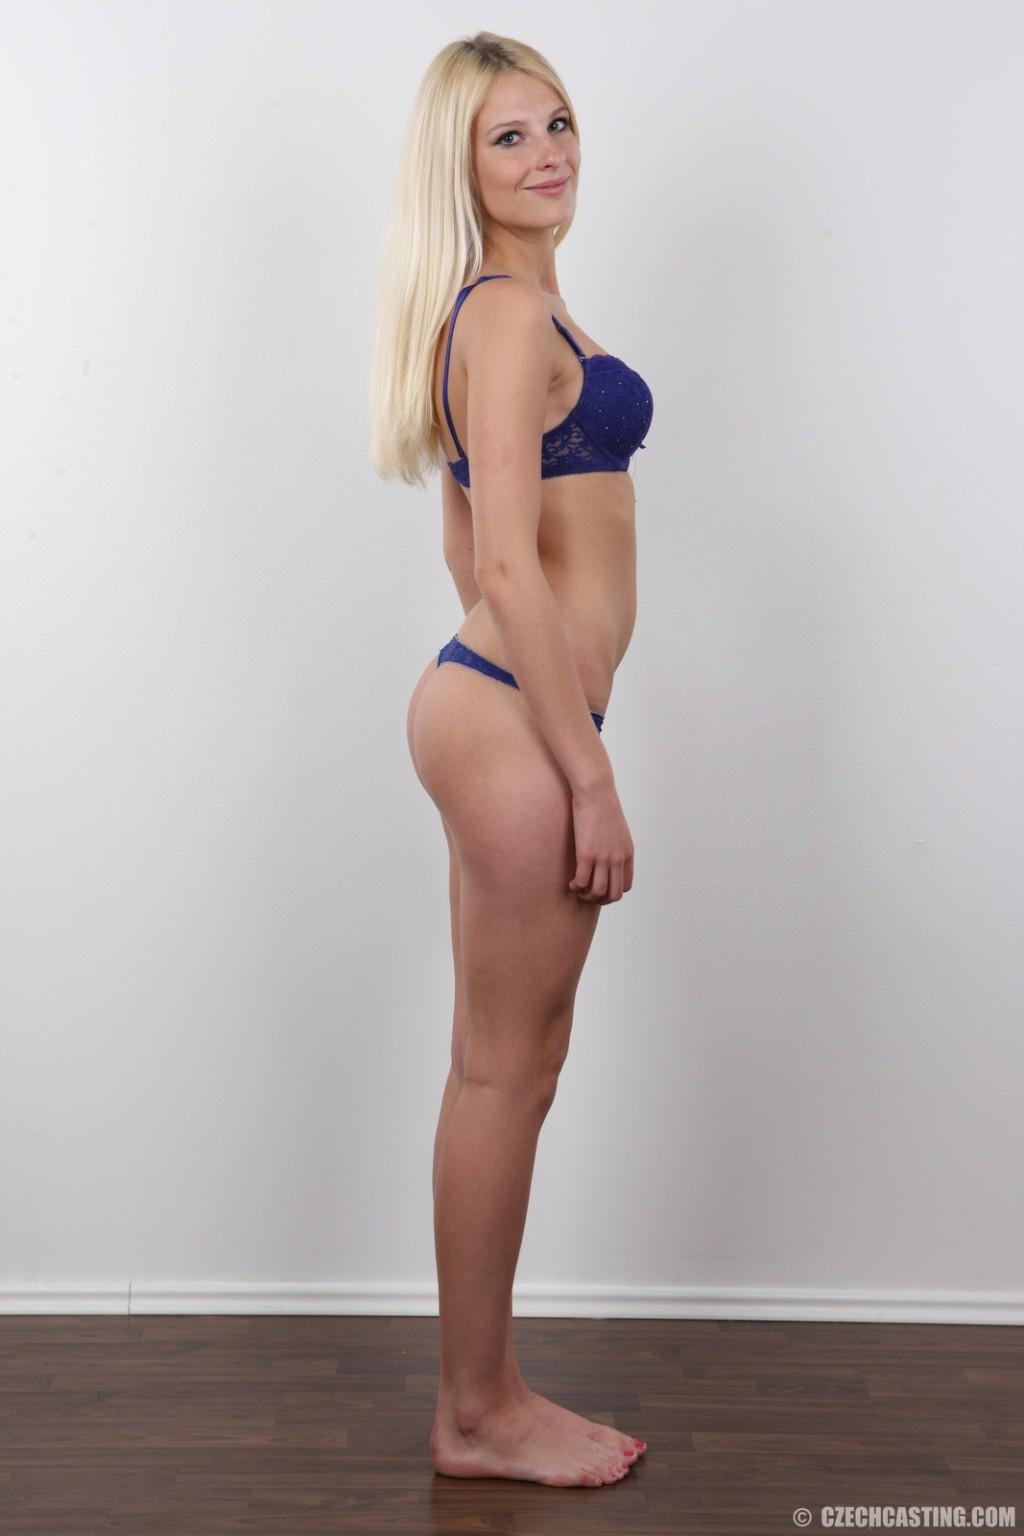 Kiran chetry fake nudes